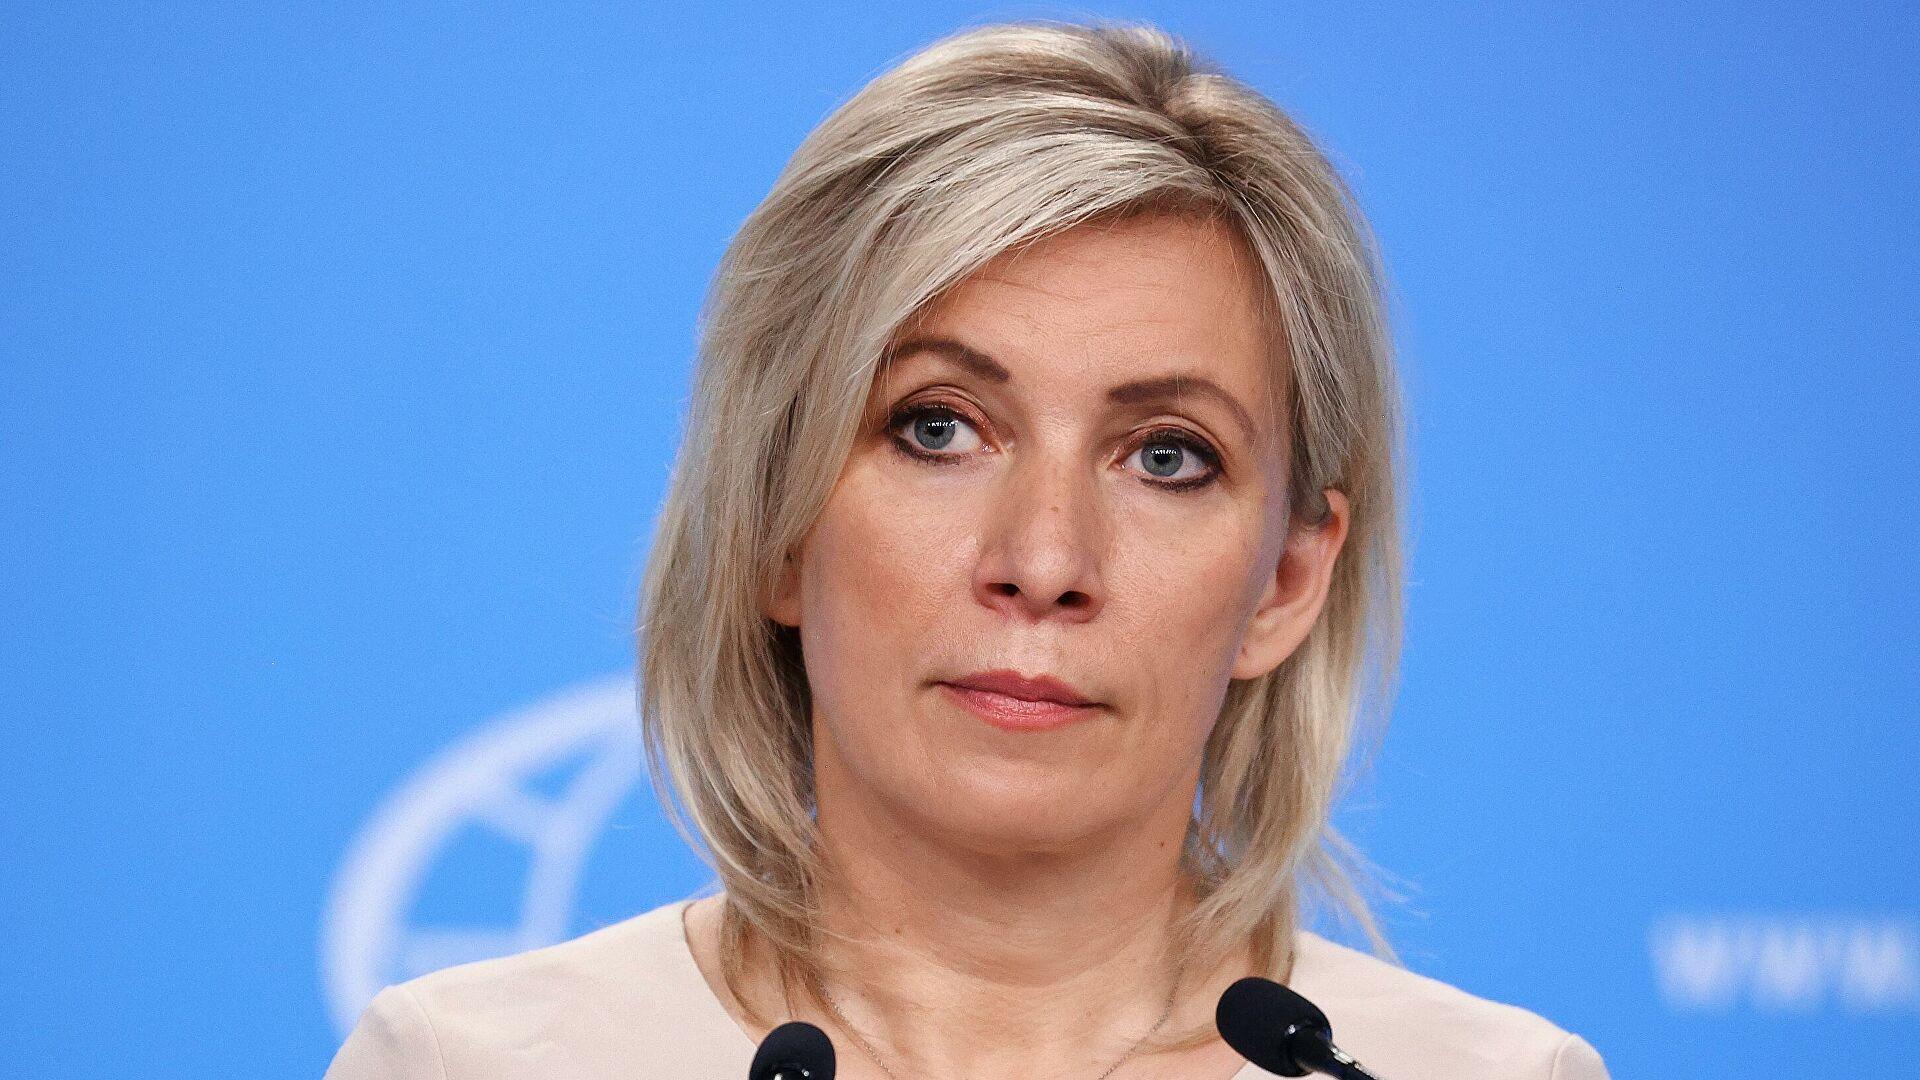 Захарова: Саопштења Кијева о могућем распоређивању ПВО система САД у Украјини провокациона и не одговарају интересима народа